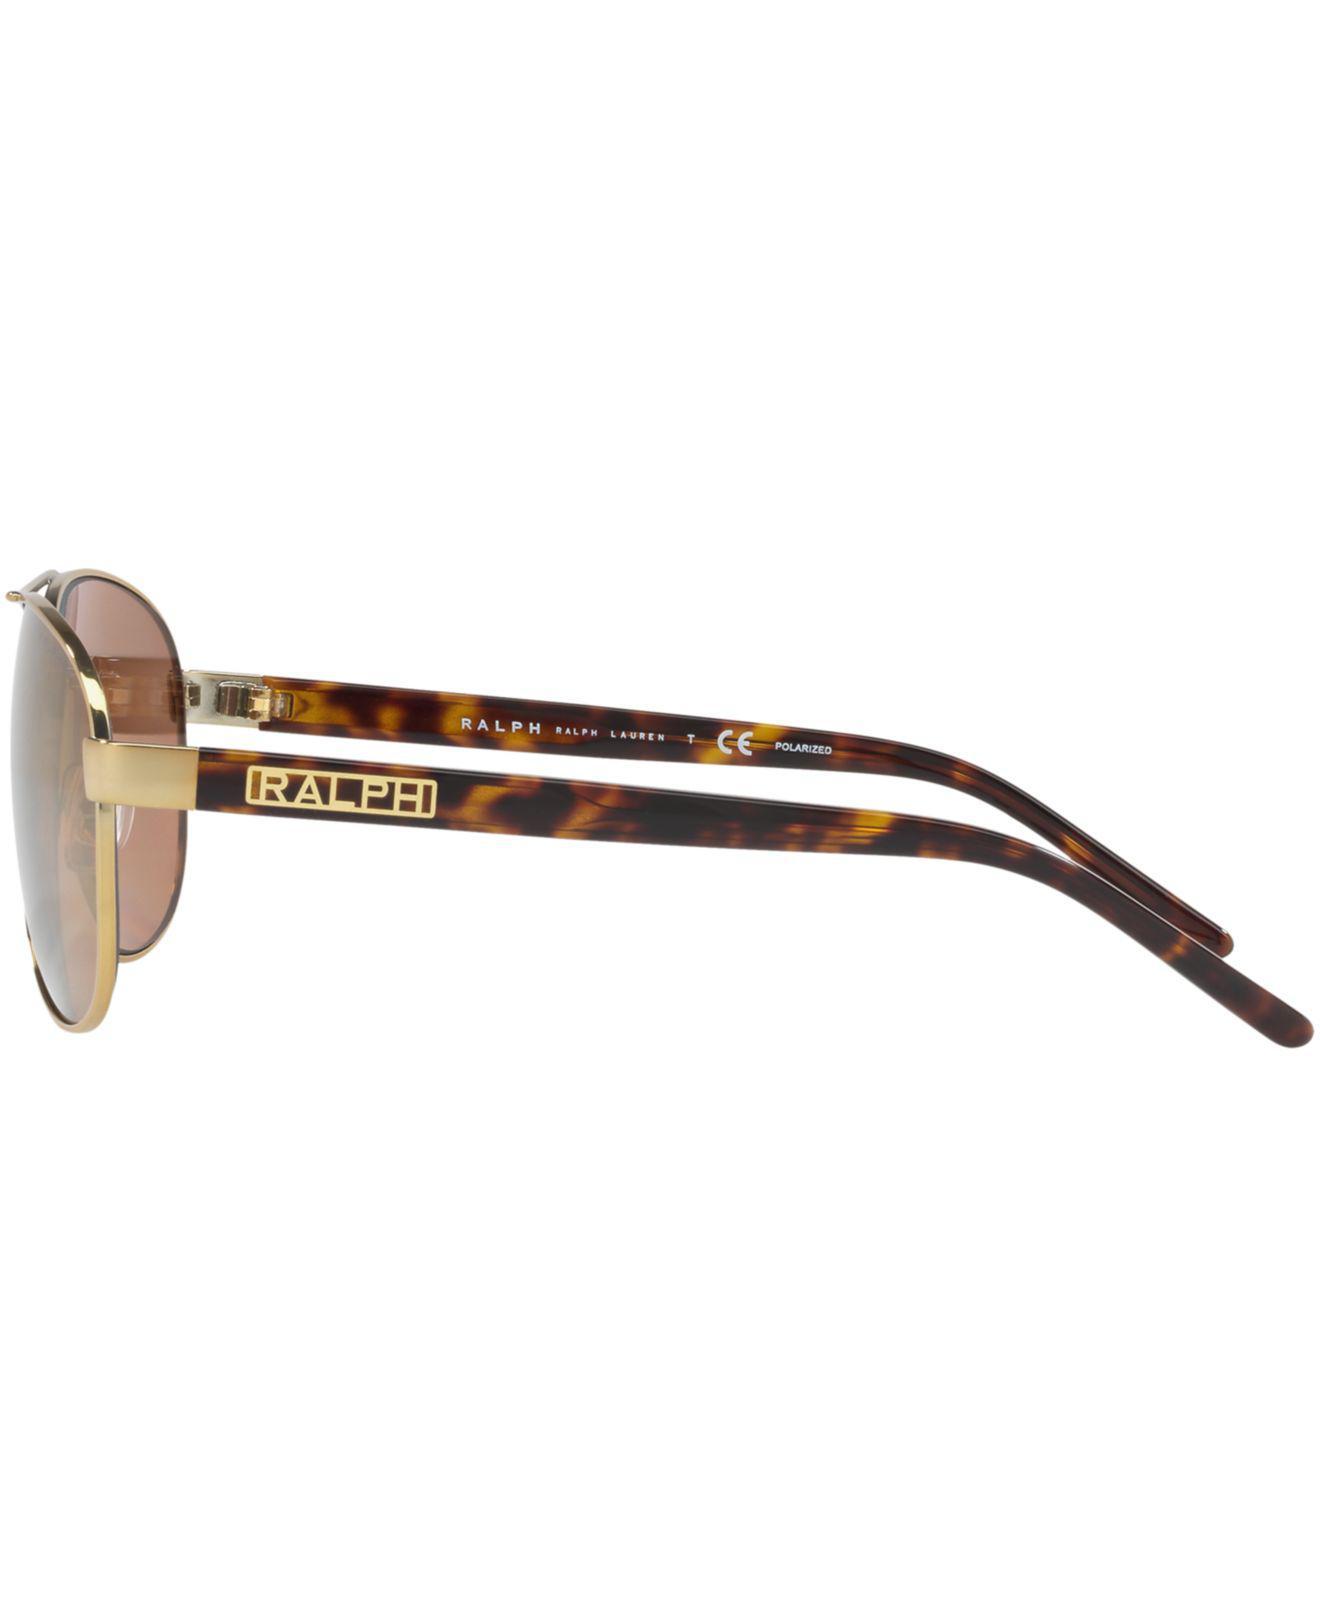 9a853a2996 Lyst - Ralph Lauren Ralph Polarized Sunglasses